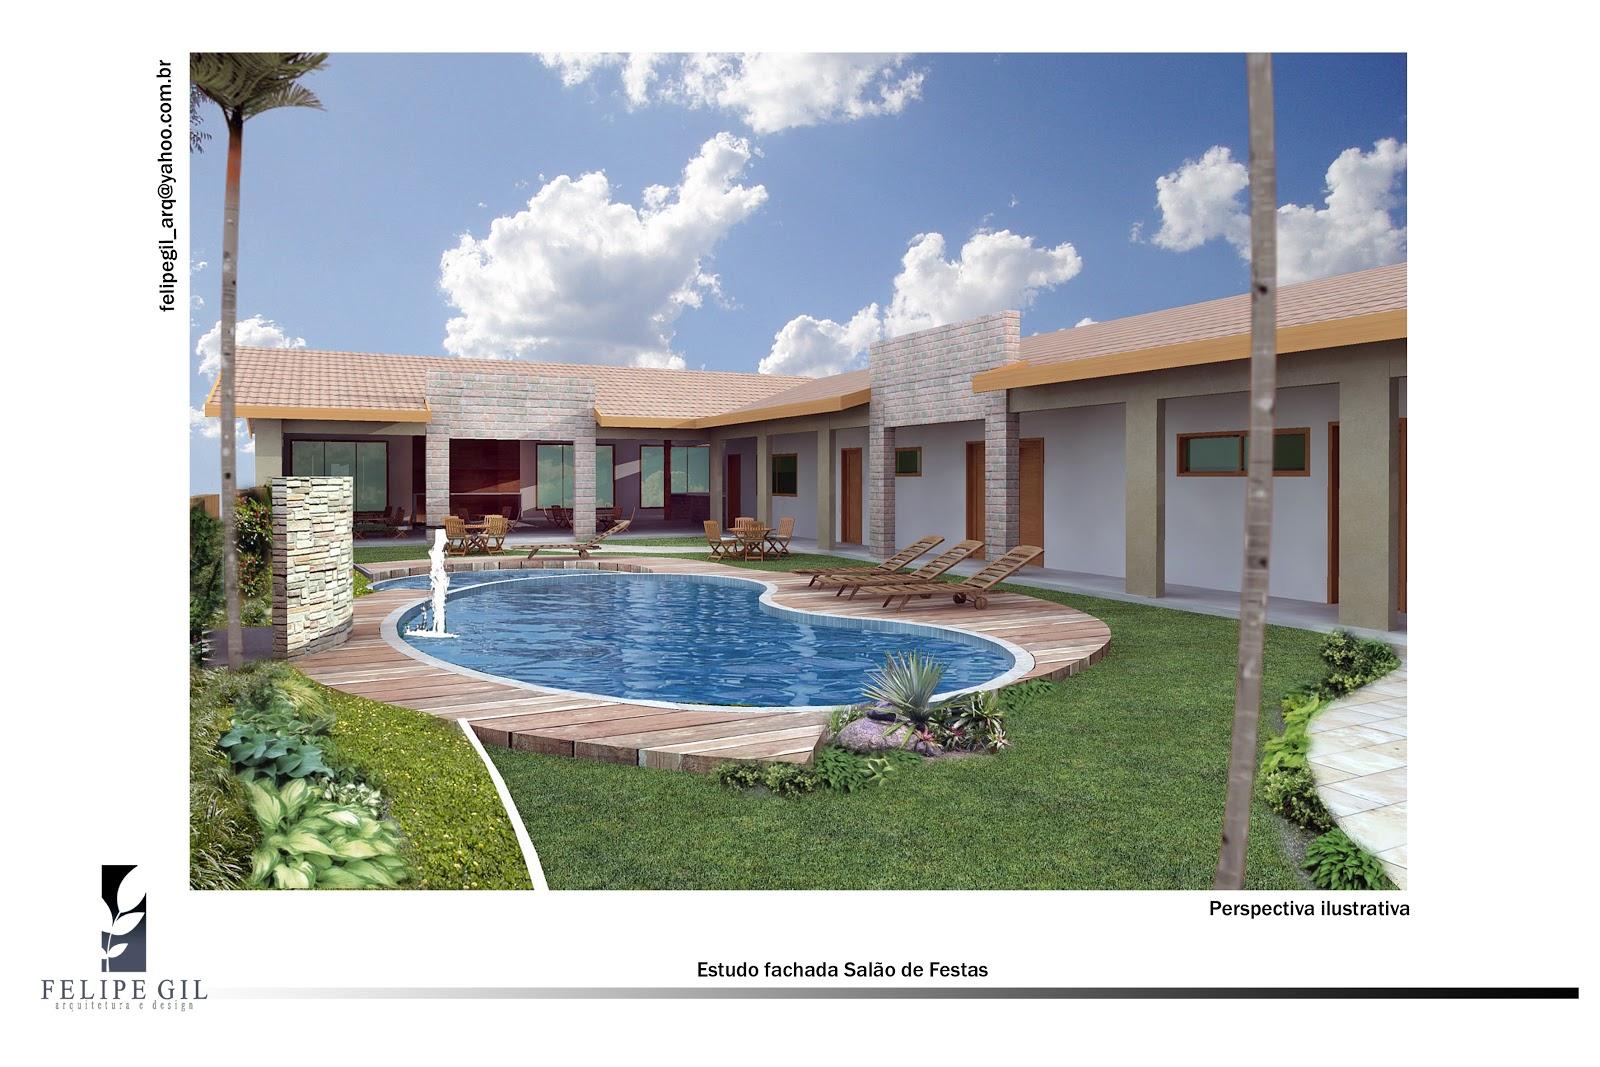 CasaEco Arquitetura e Design: Projeto Salão de Festas #3E5E8D 1600 1067